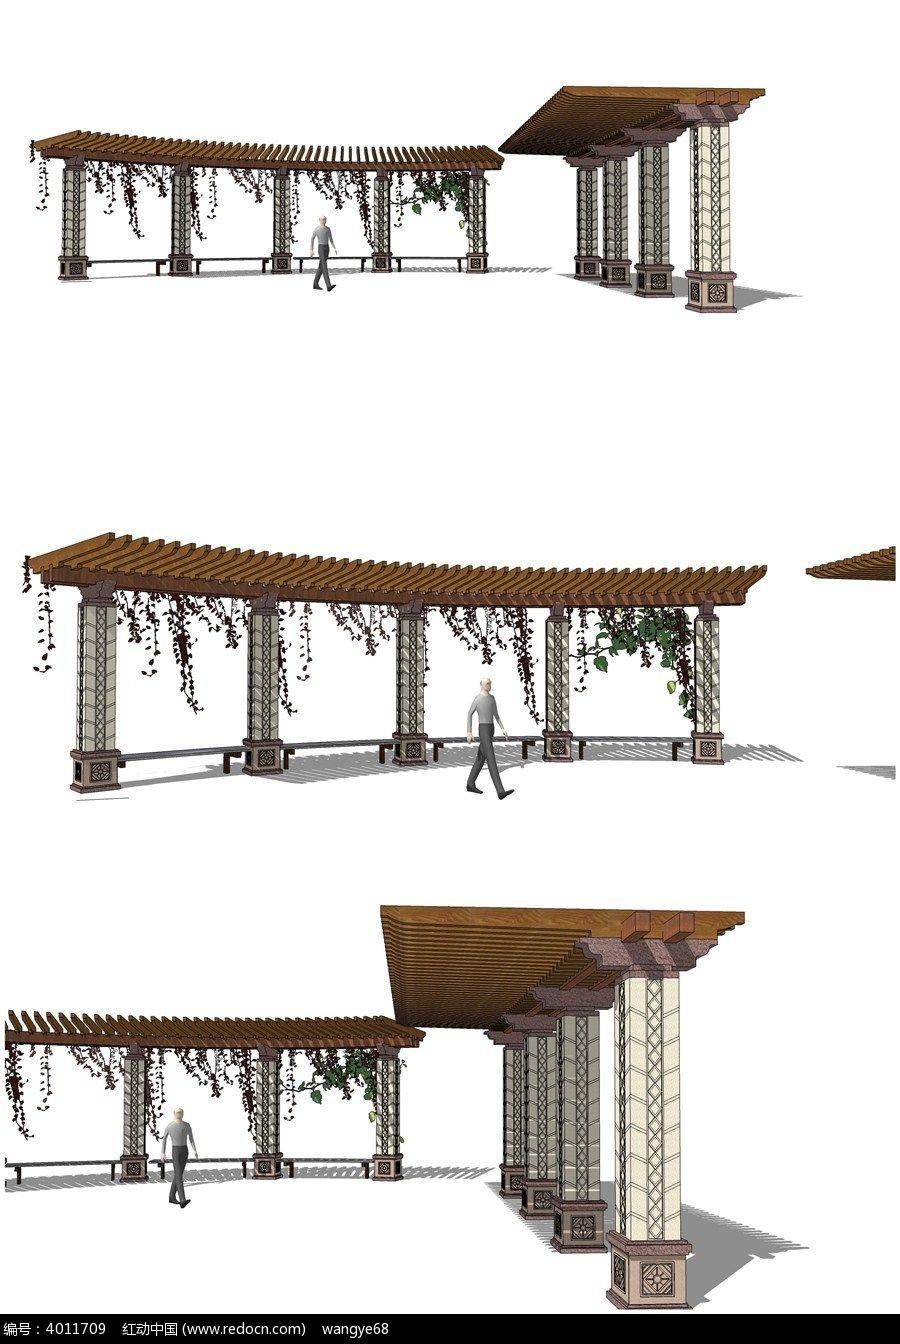 现代欧式廊架su模型图片